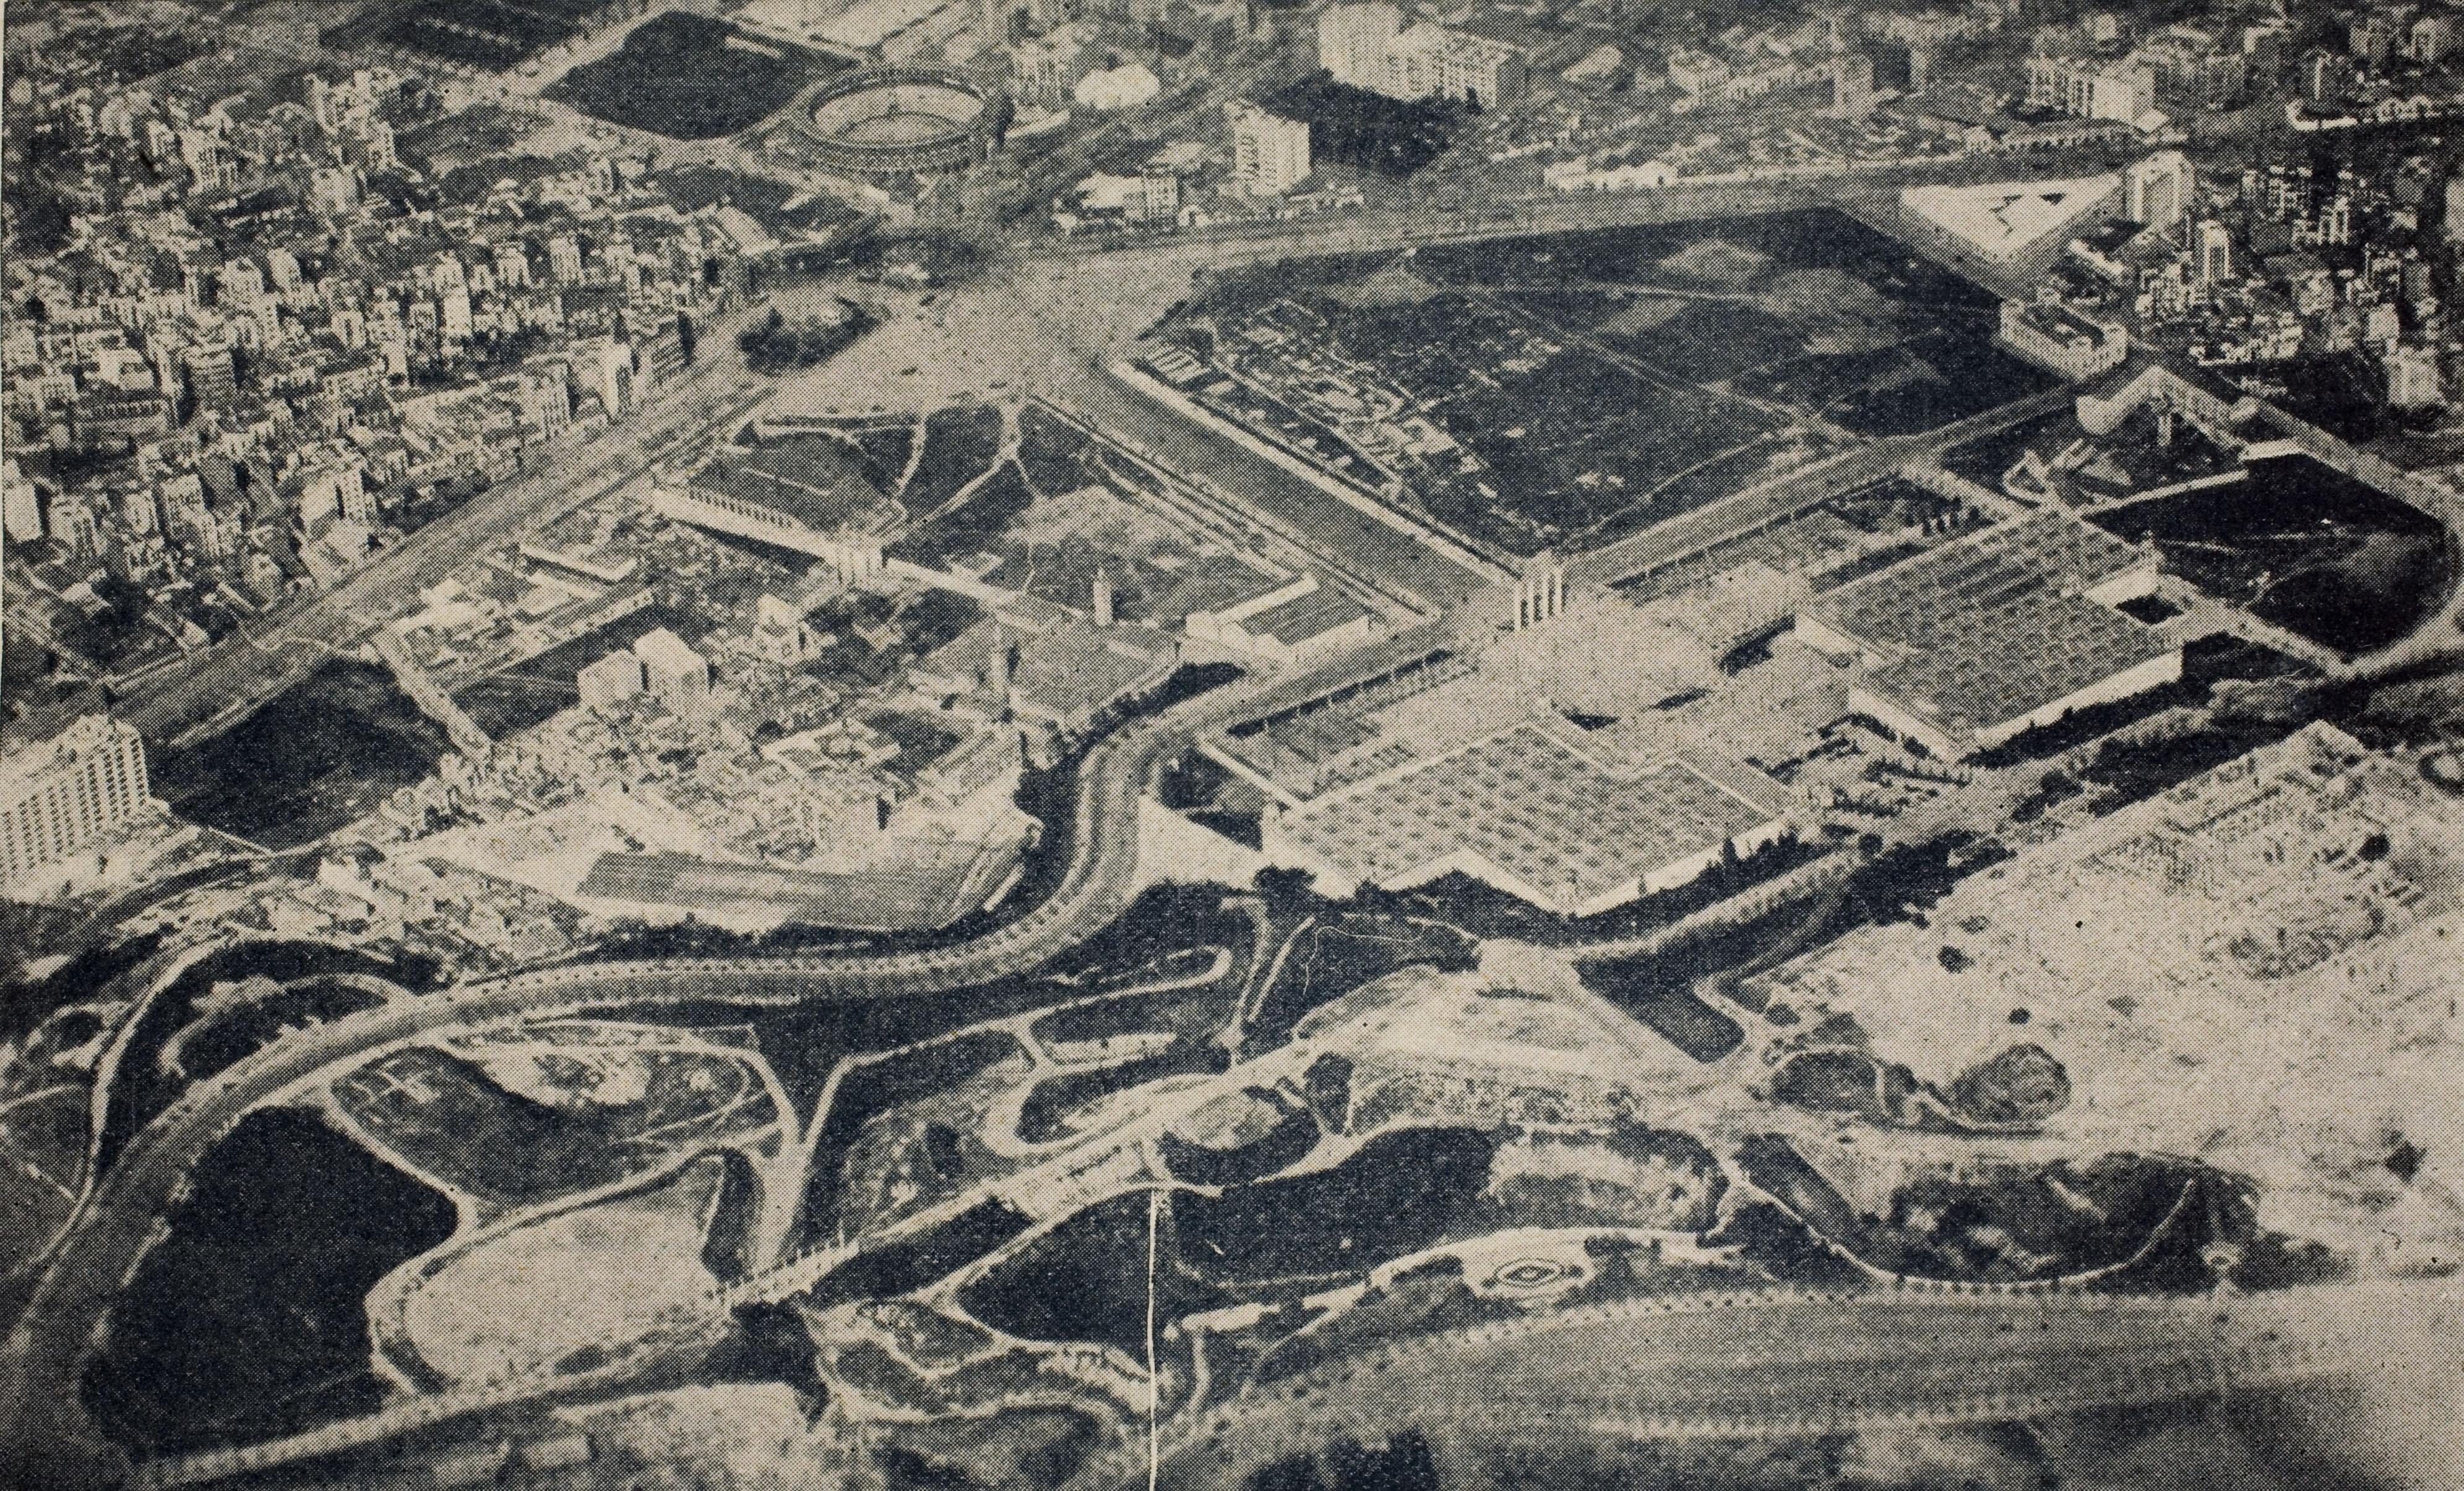 Emplaçament de l'exposició de 1929